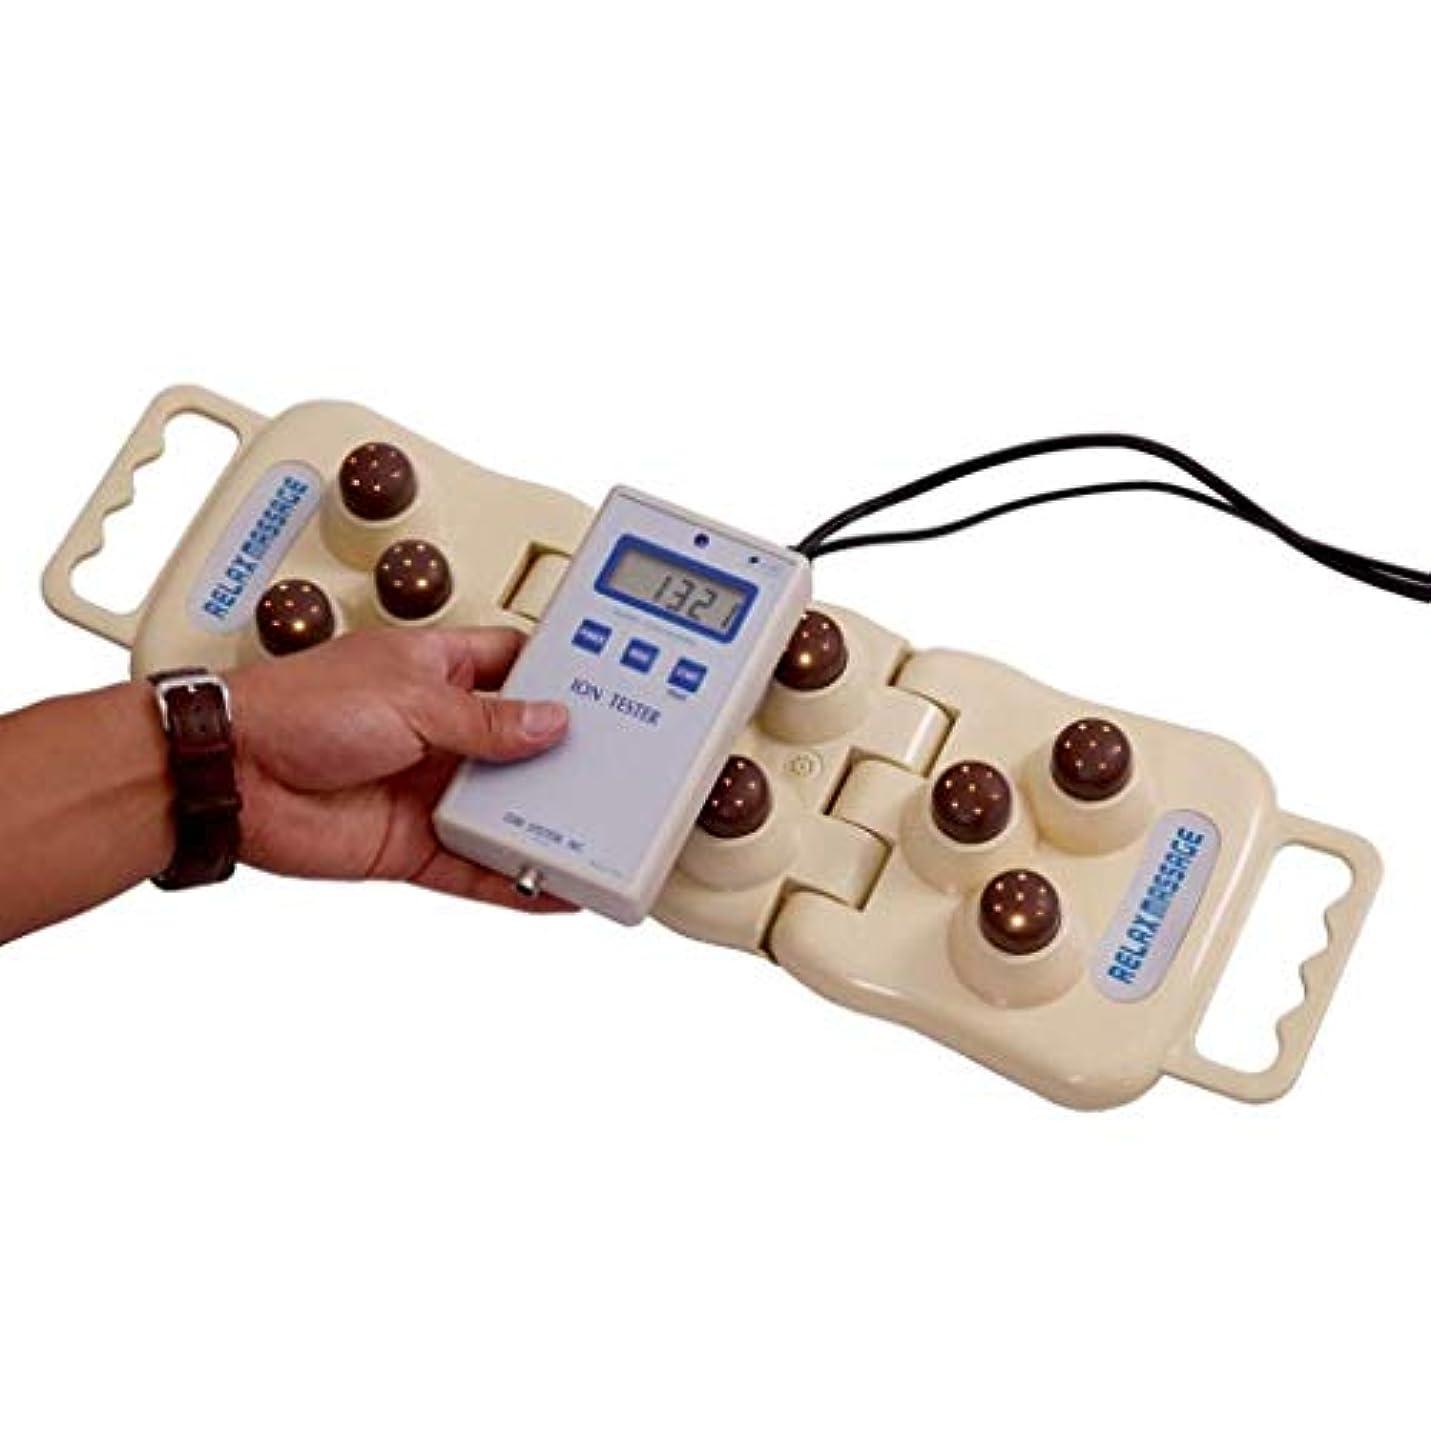 見つける技術者うめき電気マッサージ器、トルマリン理学療法頸椎健康機器、暖房理学療法器具、膝/肩/腰/脚マッサージ、全身ヒーターマッサージリラックス